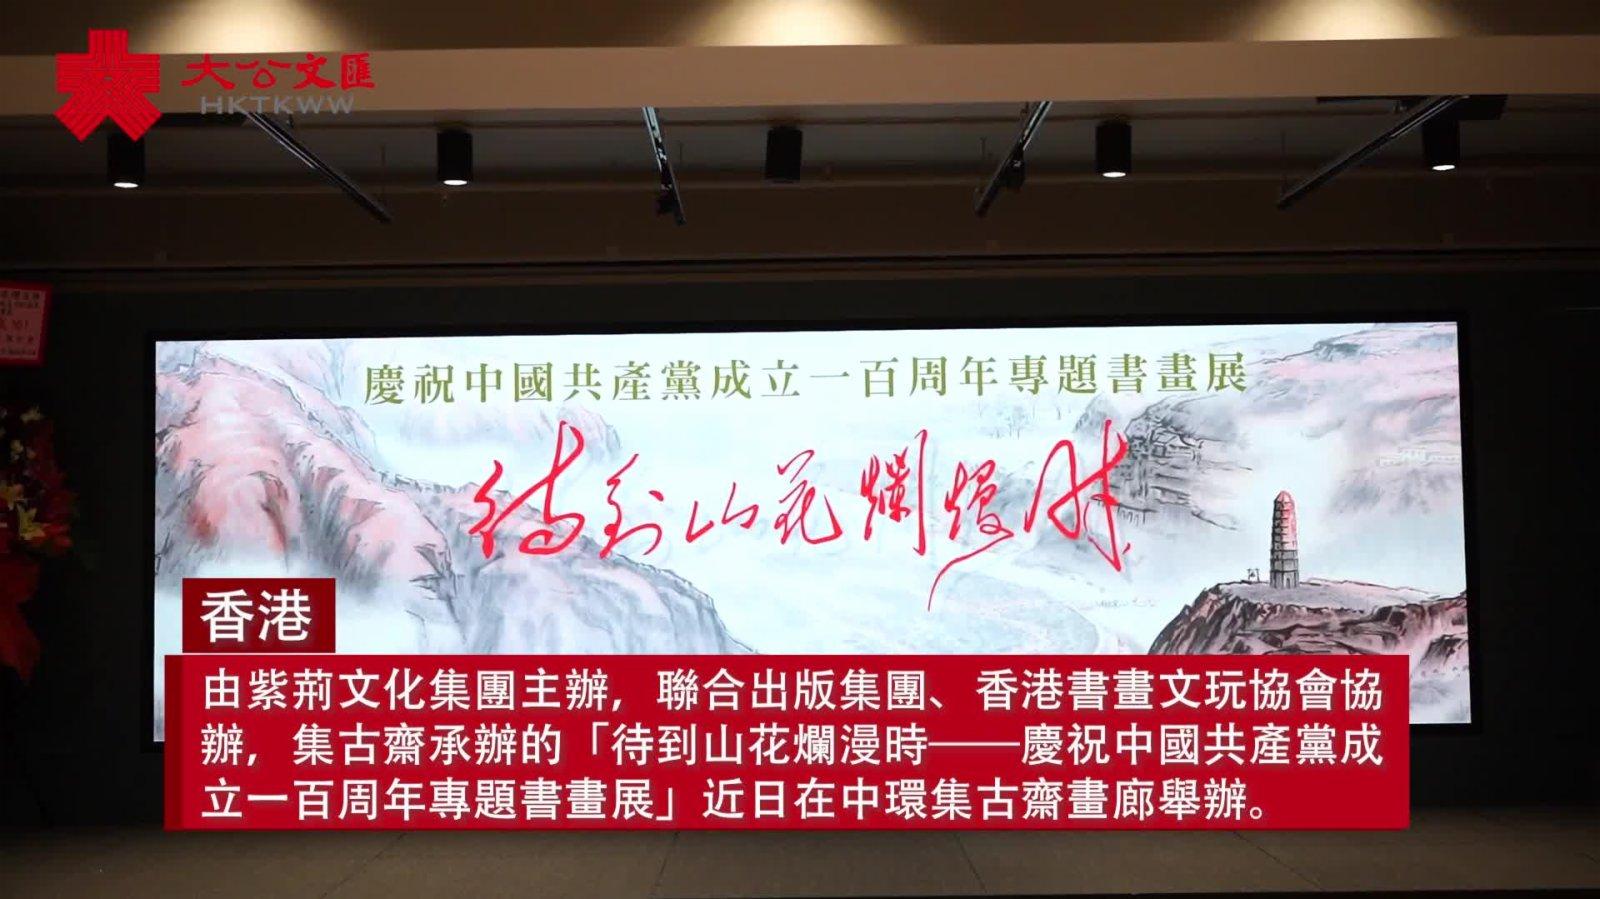 慶祝建黨百年書畫展 百幅作品彰顯厚重紅色文化